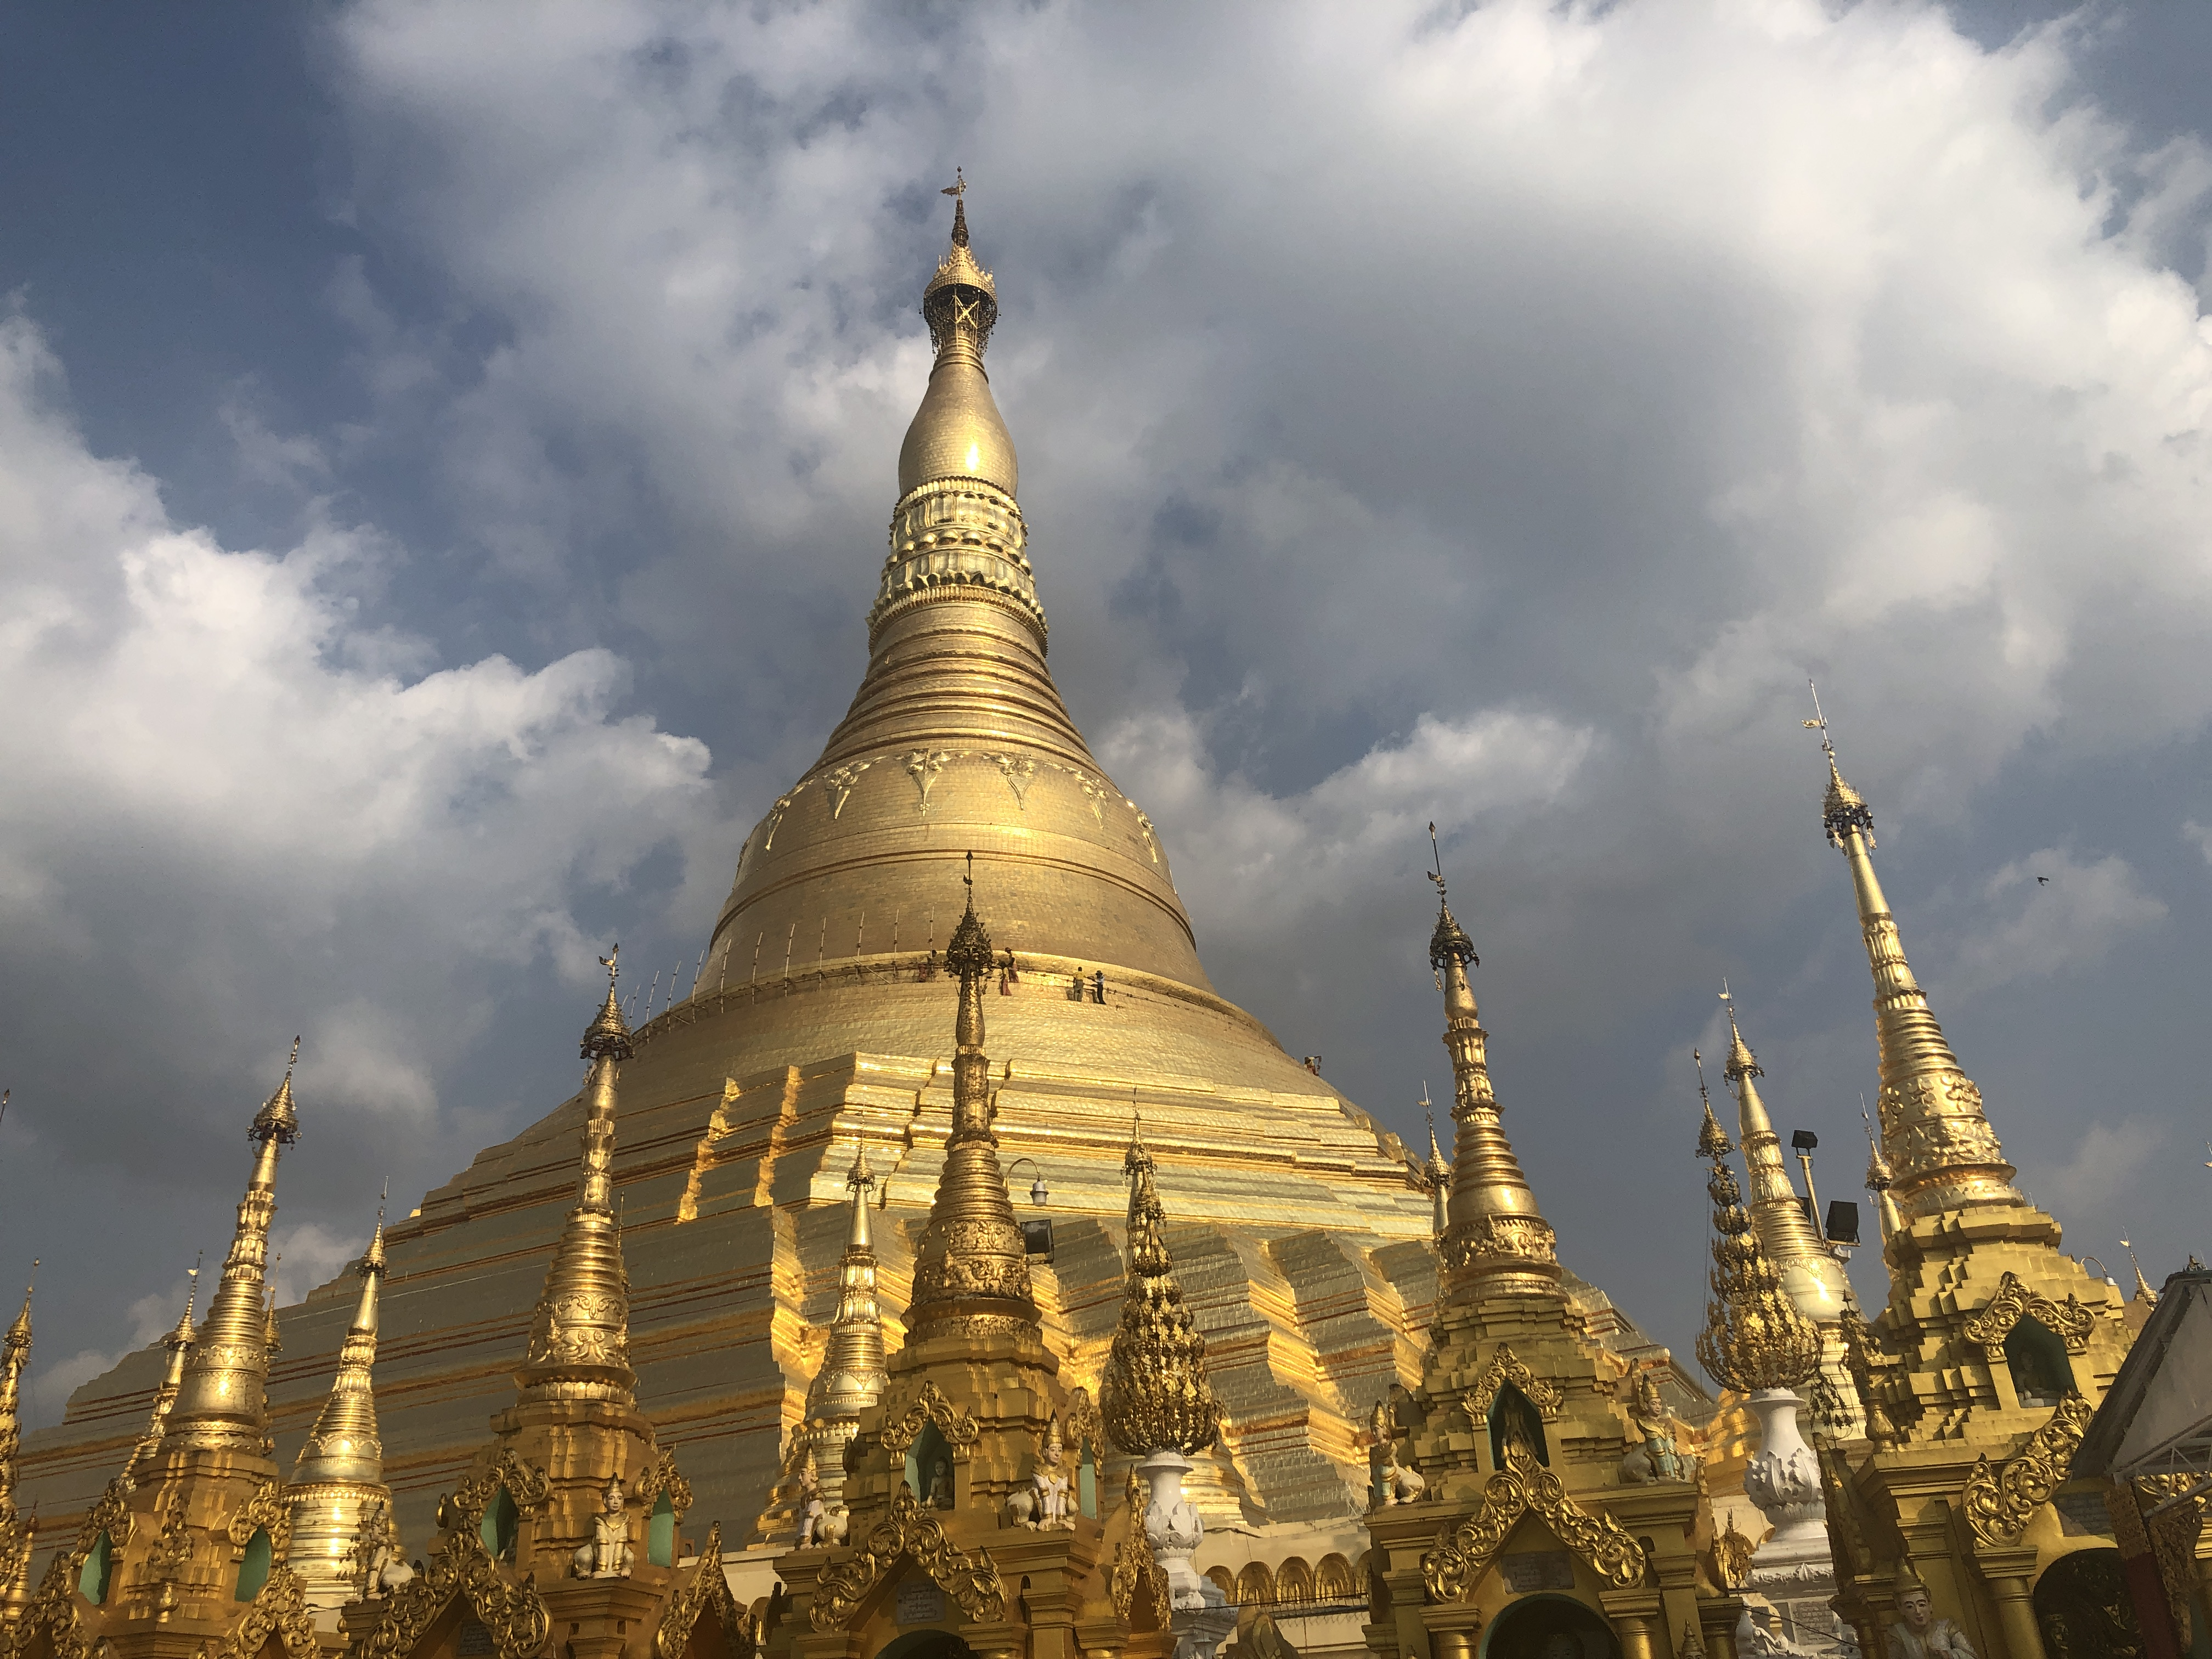 [미얀마] 불교국가 미얀마 양곤의 파고다 투어 차욱타지 파고다 Kyauk Taw Gyi Pagoda/응아타지 파고다 Nga Htat Gyi Pagoda/술레 파고다 Sule Pagoda/쉐다곤 파고다 Shwedagon pagoda